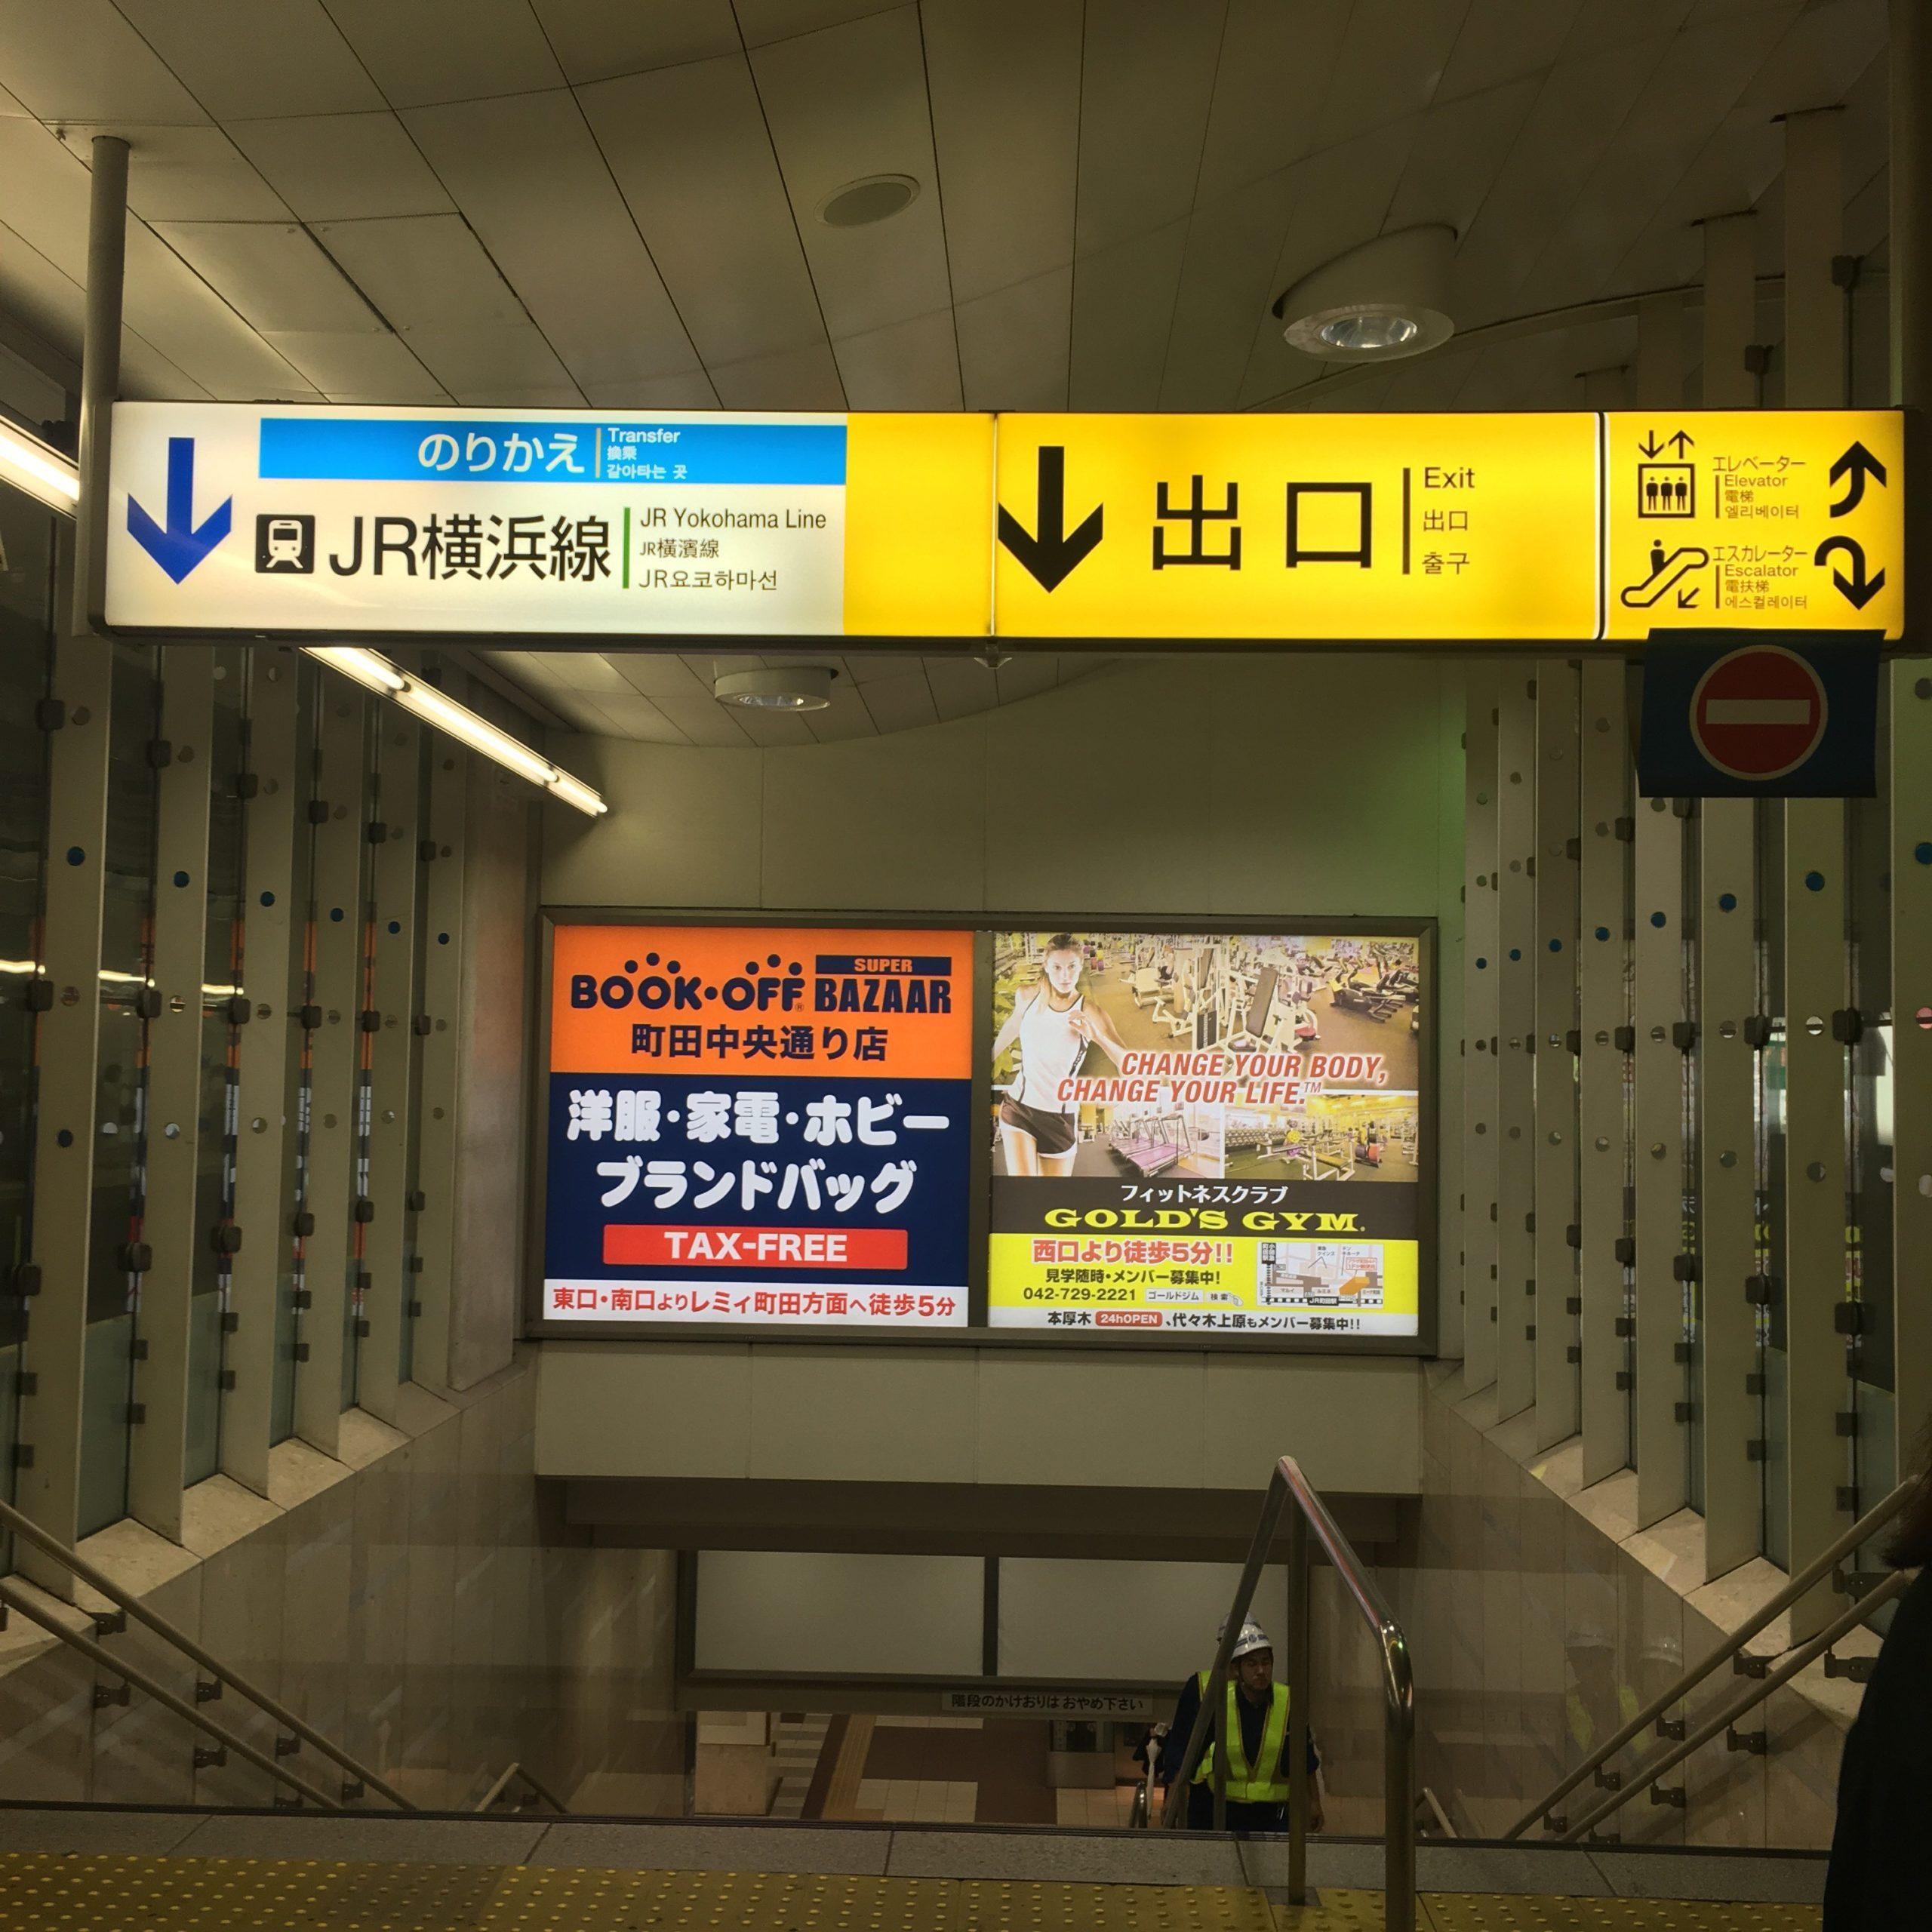 1.小田急線町田駅に到着しましたら出口の方面に向かってください。